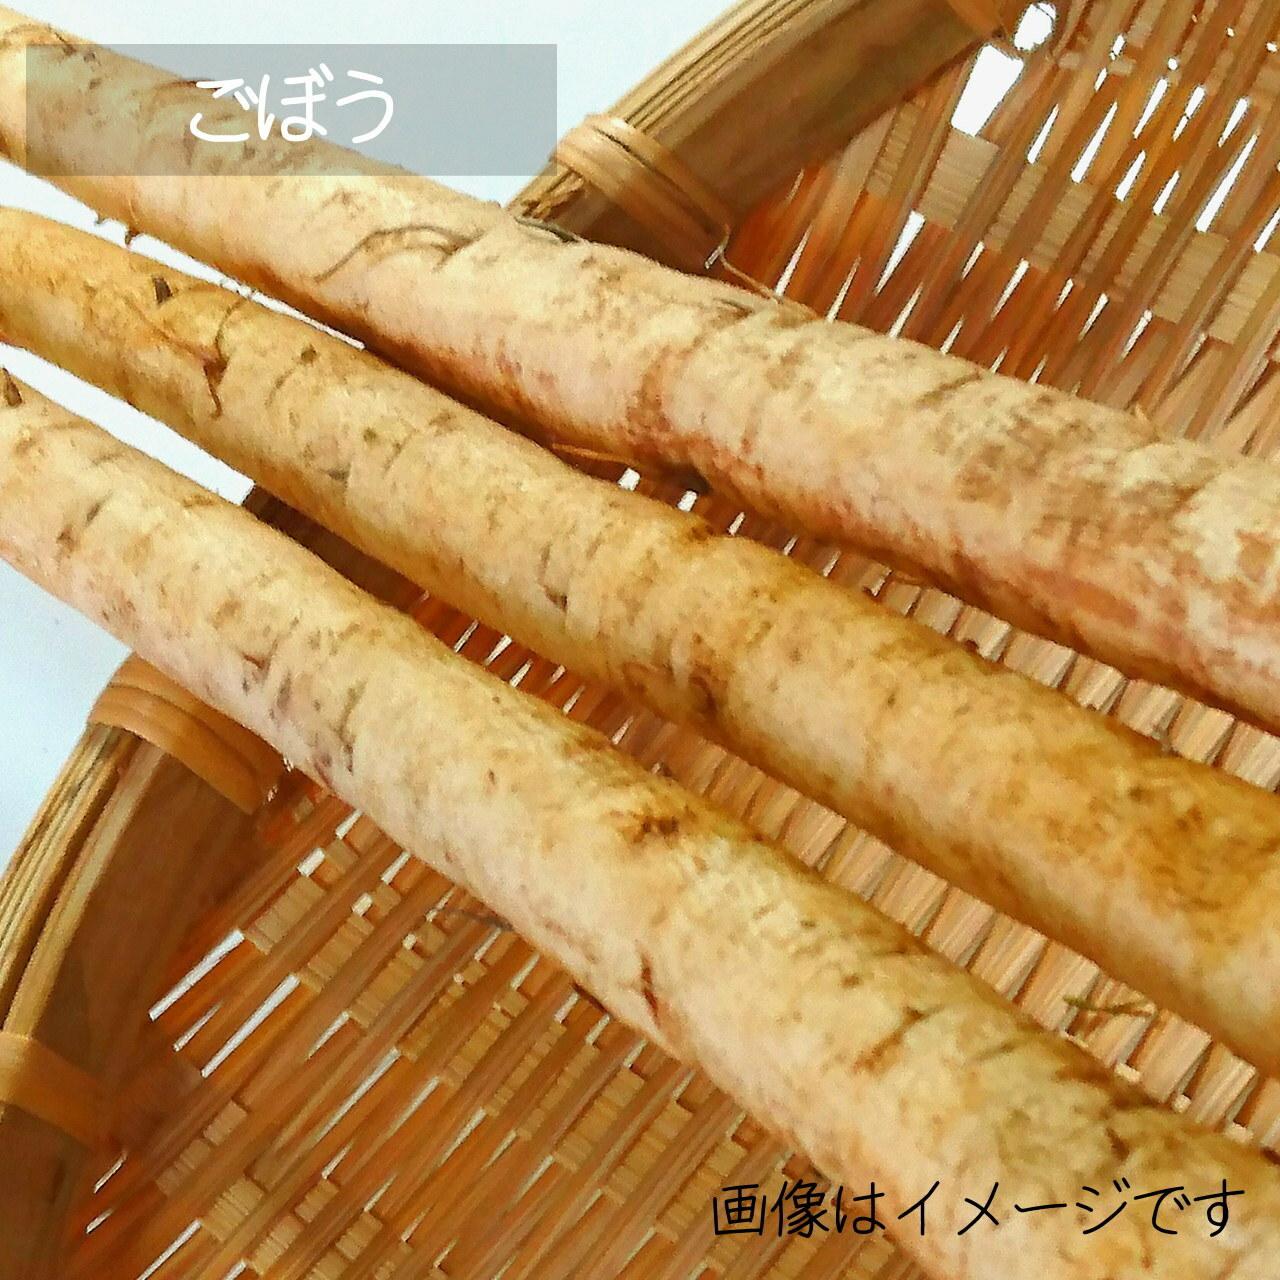 11月の朝採り直売野菜 : ゴボウ 1~3本 新鮮な冬野菜 11月21日発送予定